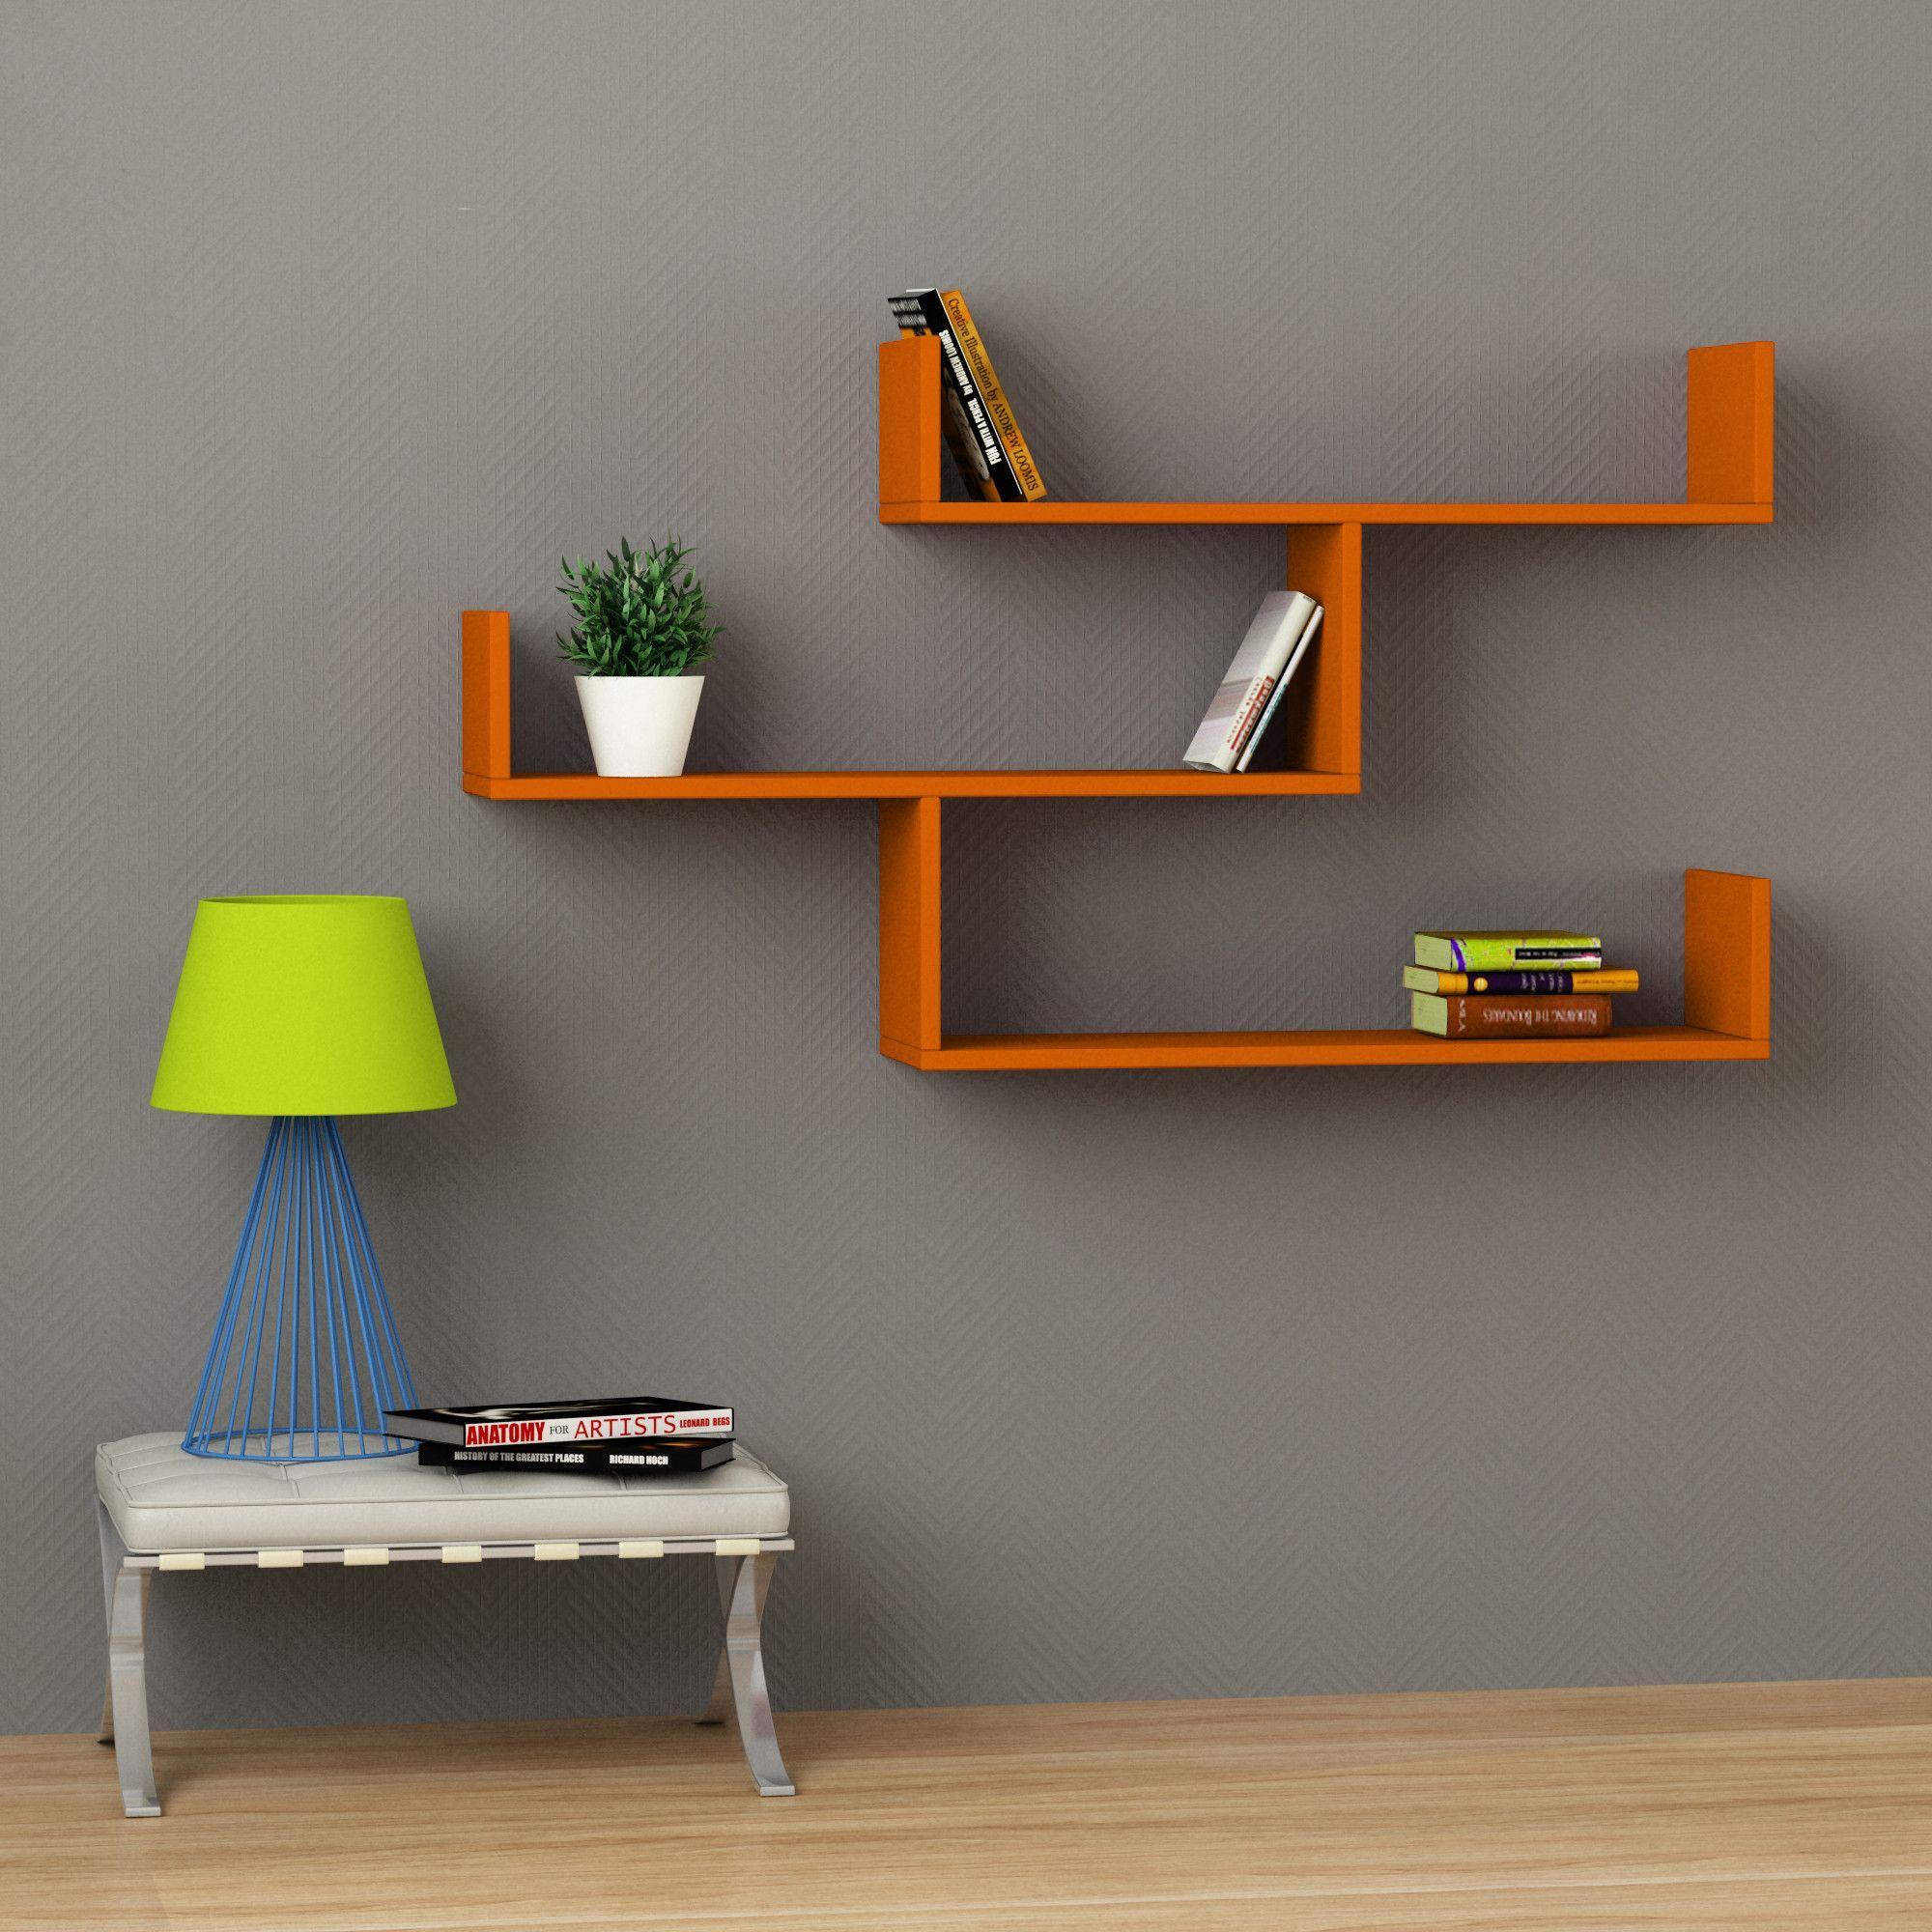 unique wall shelf ideas diy triangle shelf interior design pinterest shelf